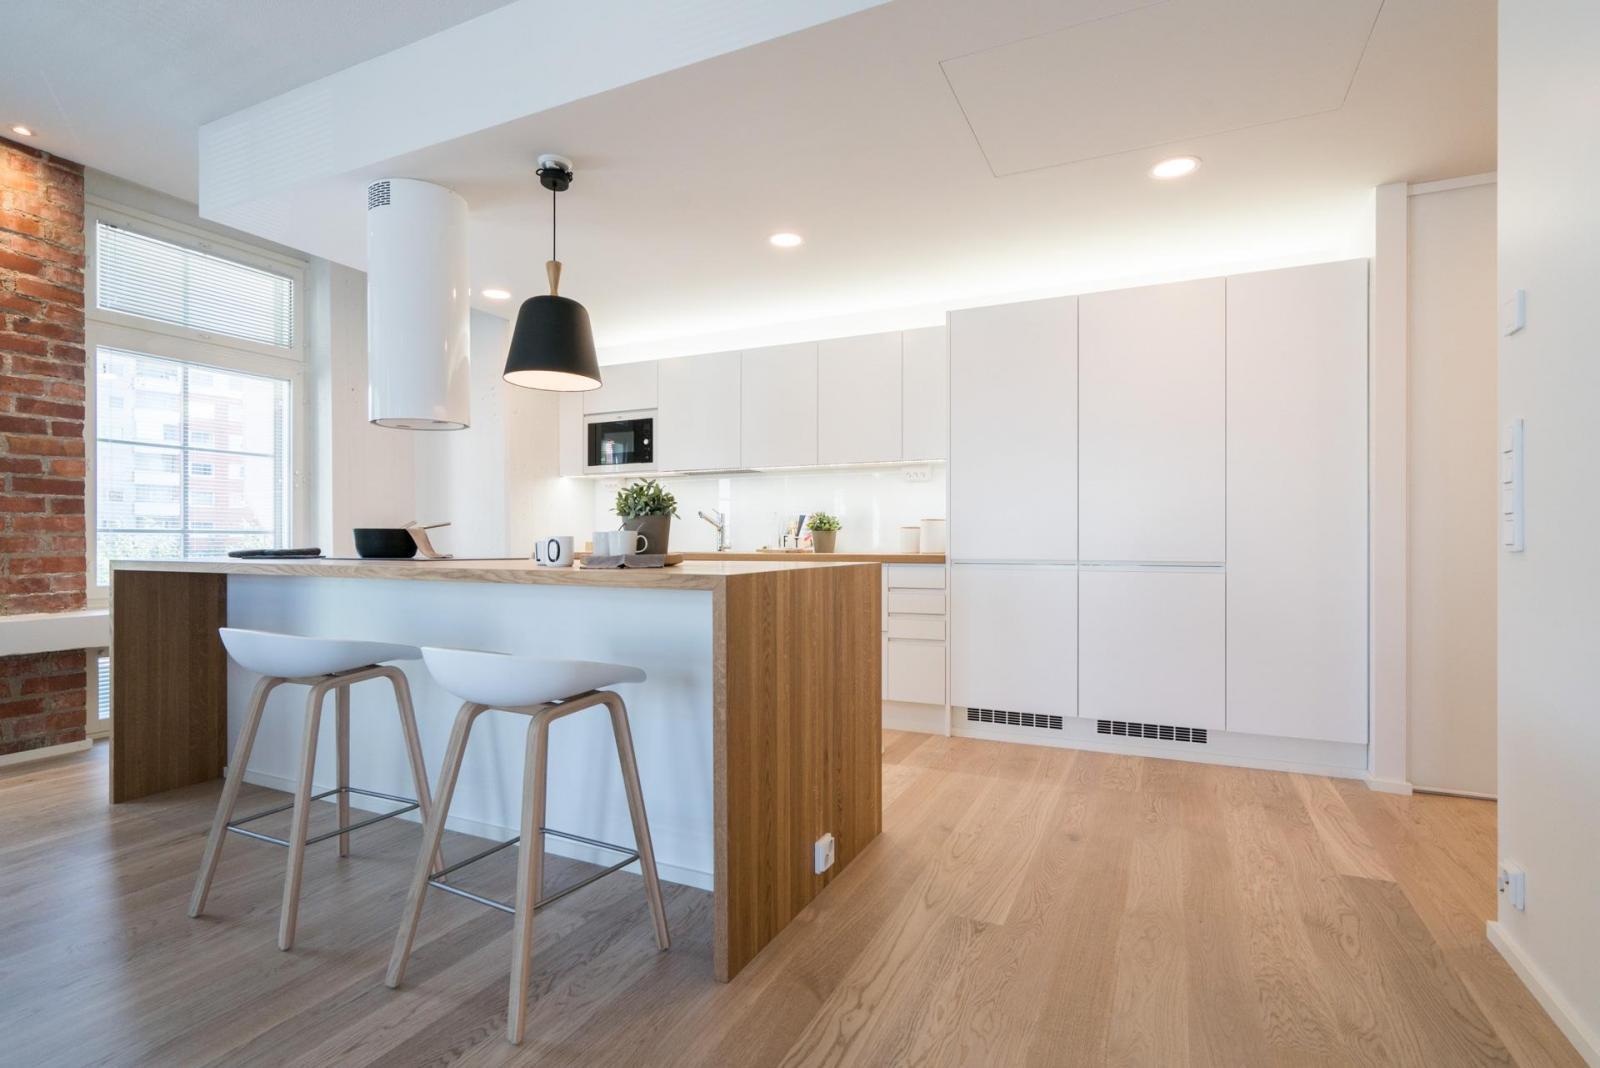 Loft asunnon vaalea keittiö  Etuovi com Ideat & vinkit